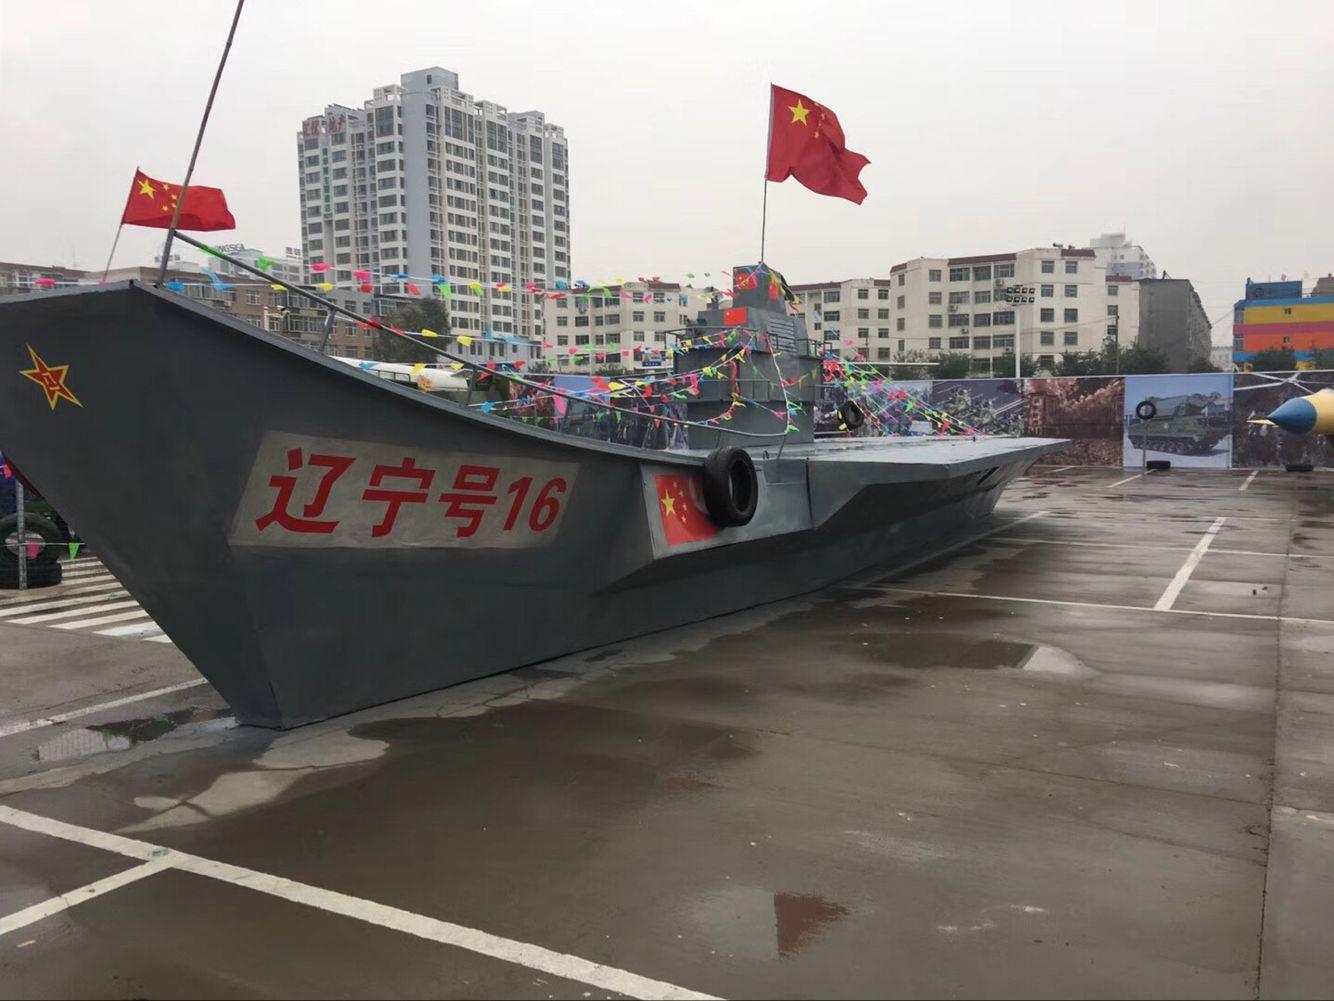 军事展道具模型,大型坦克模型军事模型租赁军事生产厂家军事模型出售出租